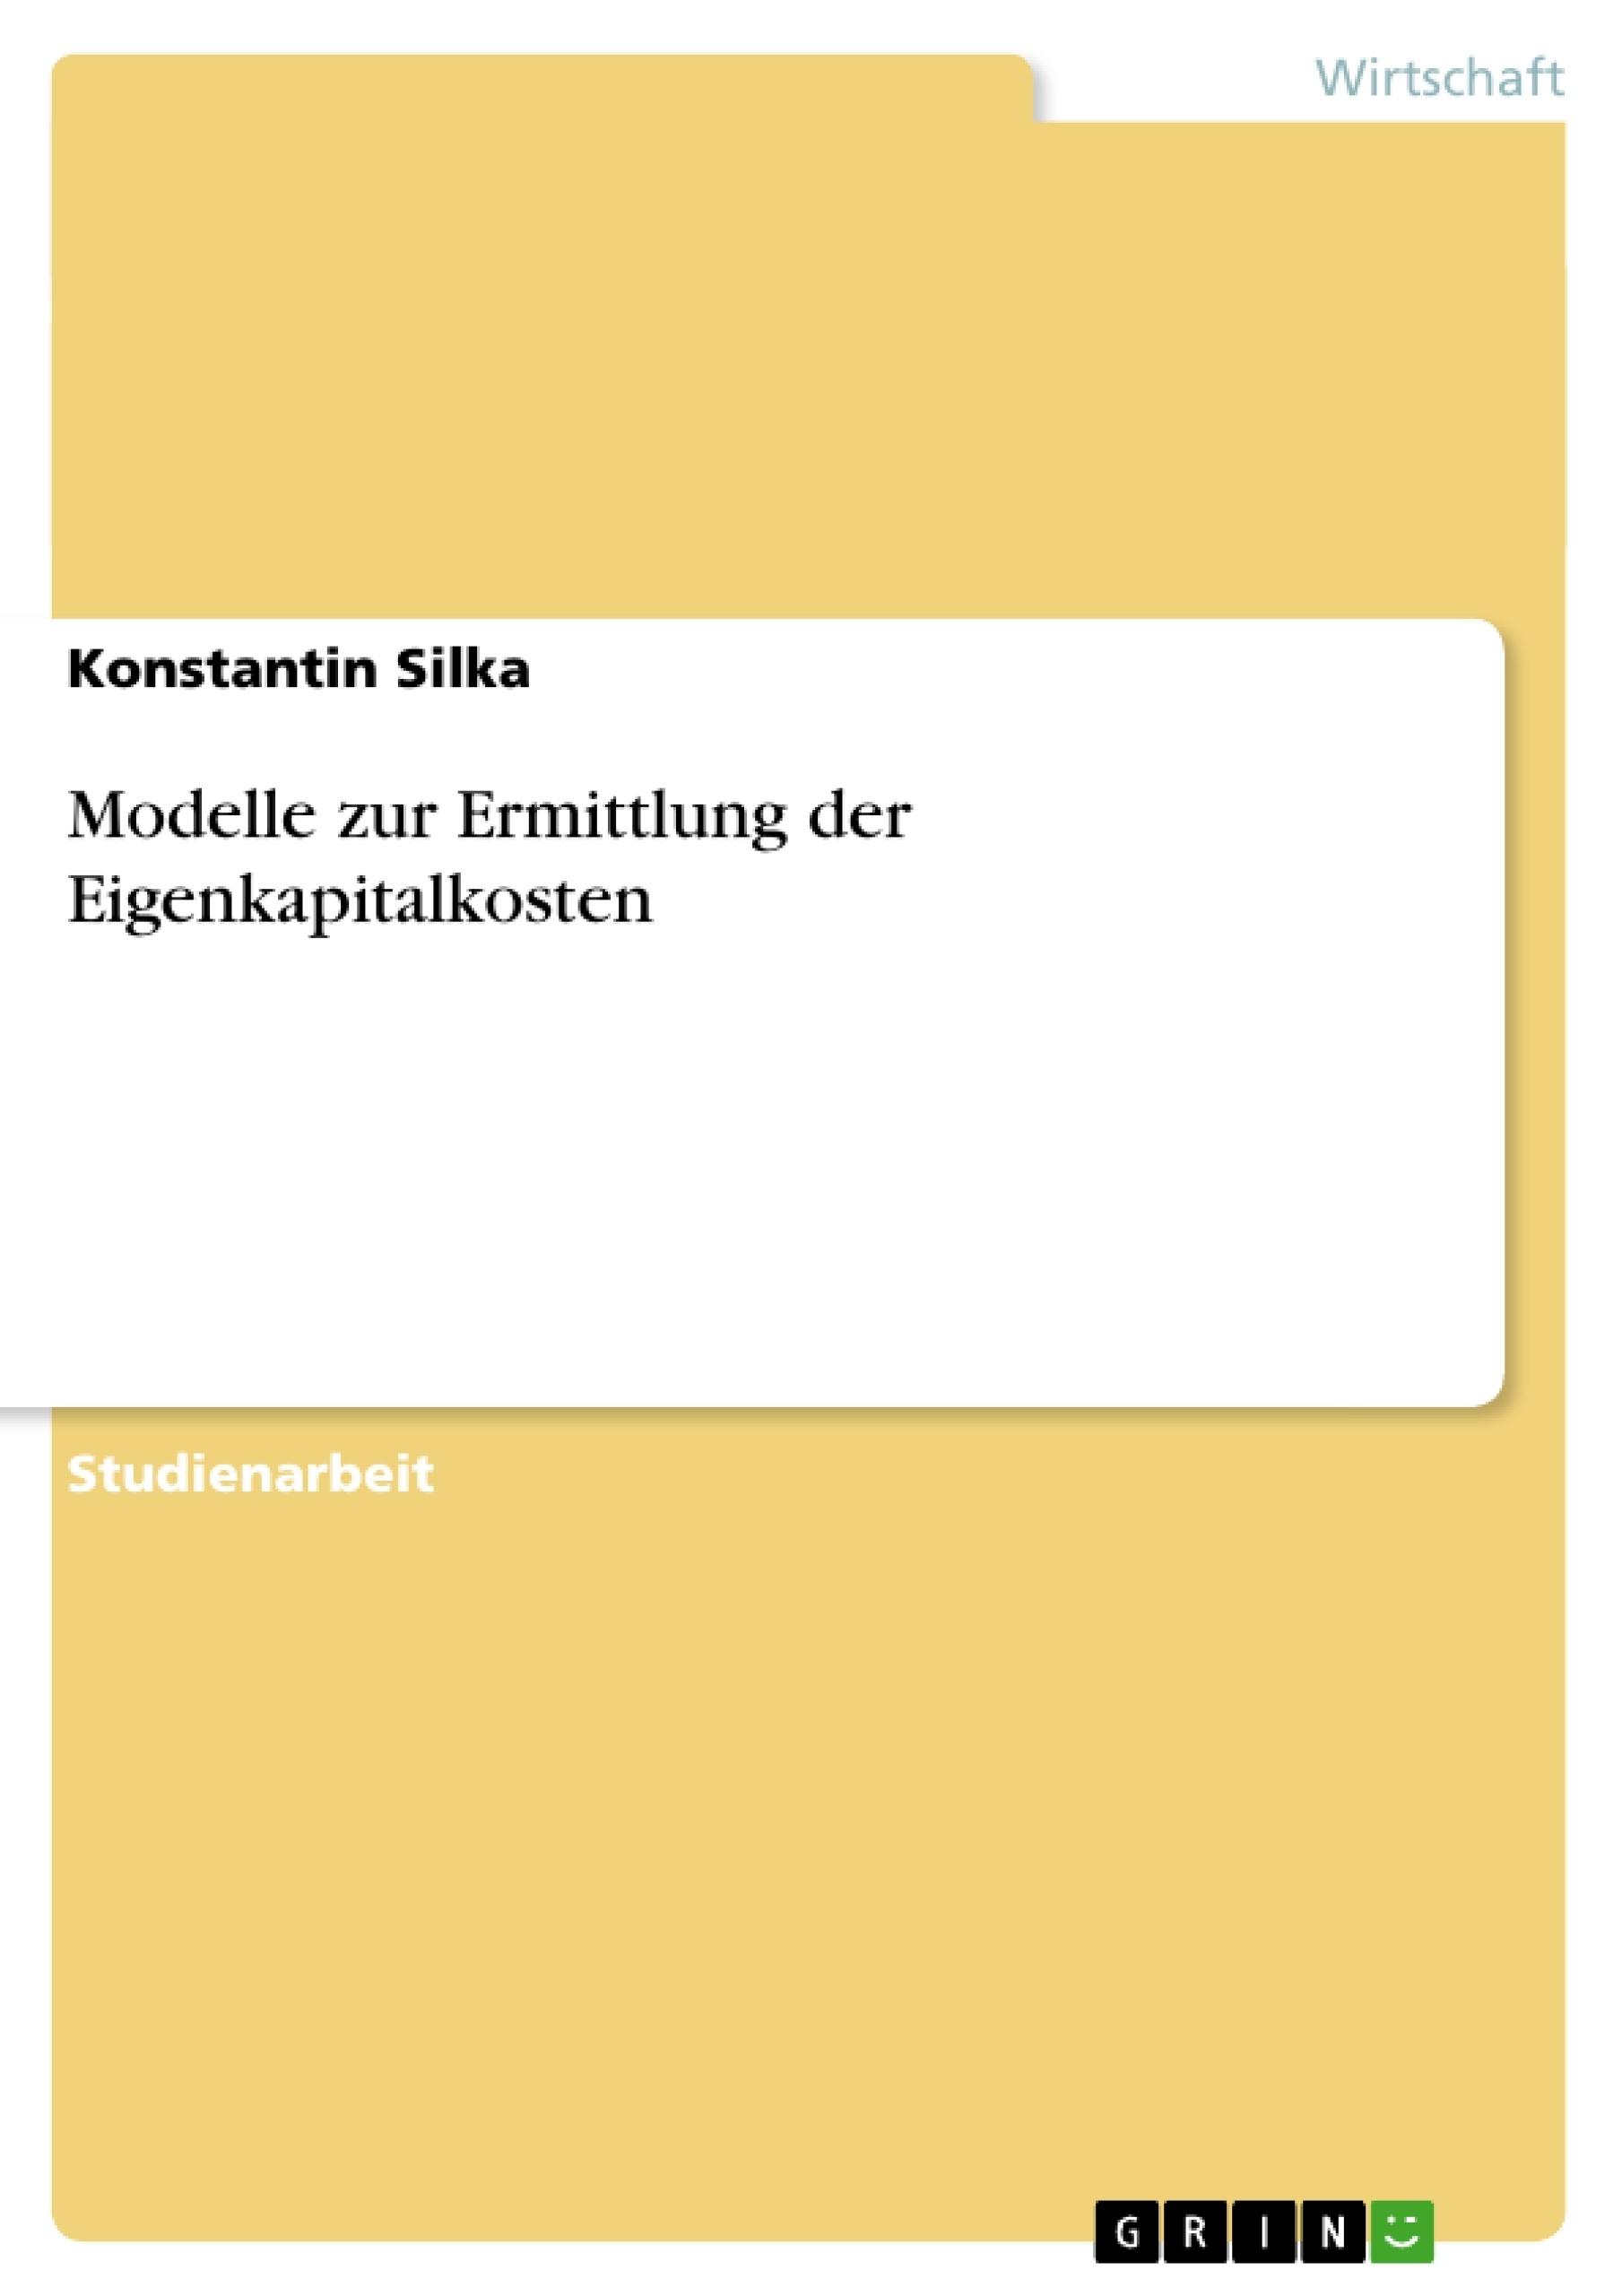 Titel: Modelle zur Ermittlung der Eigenkapitalkosten